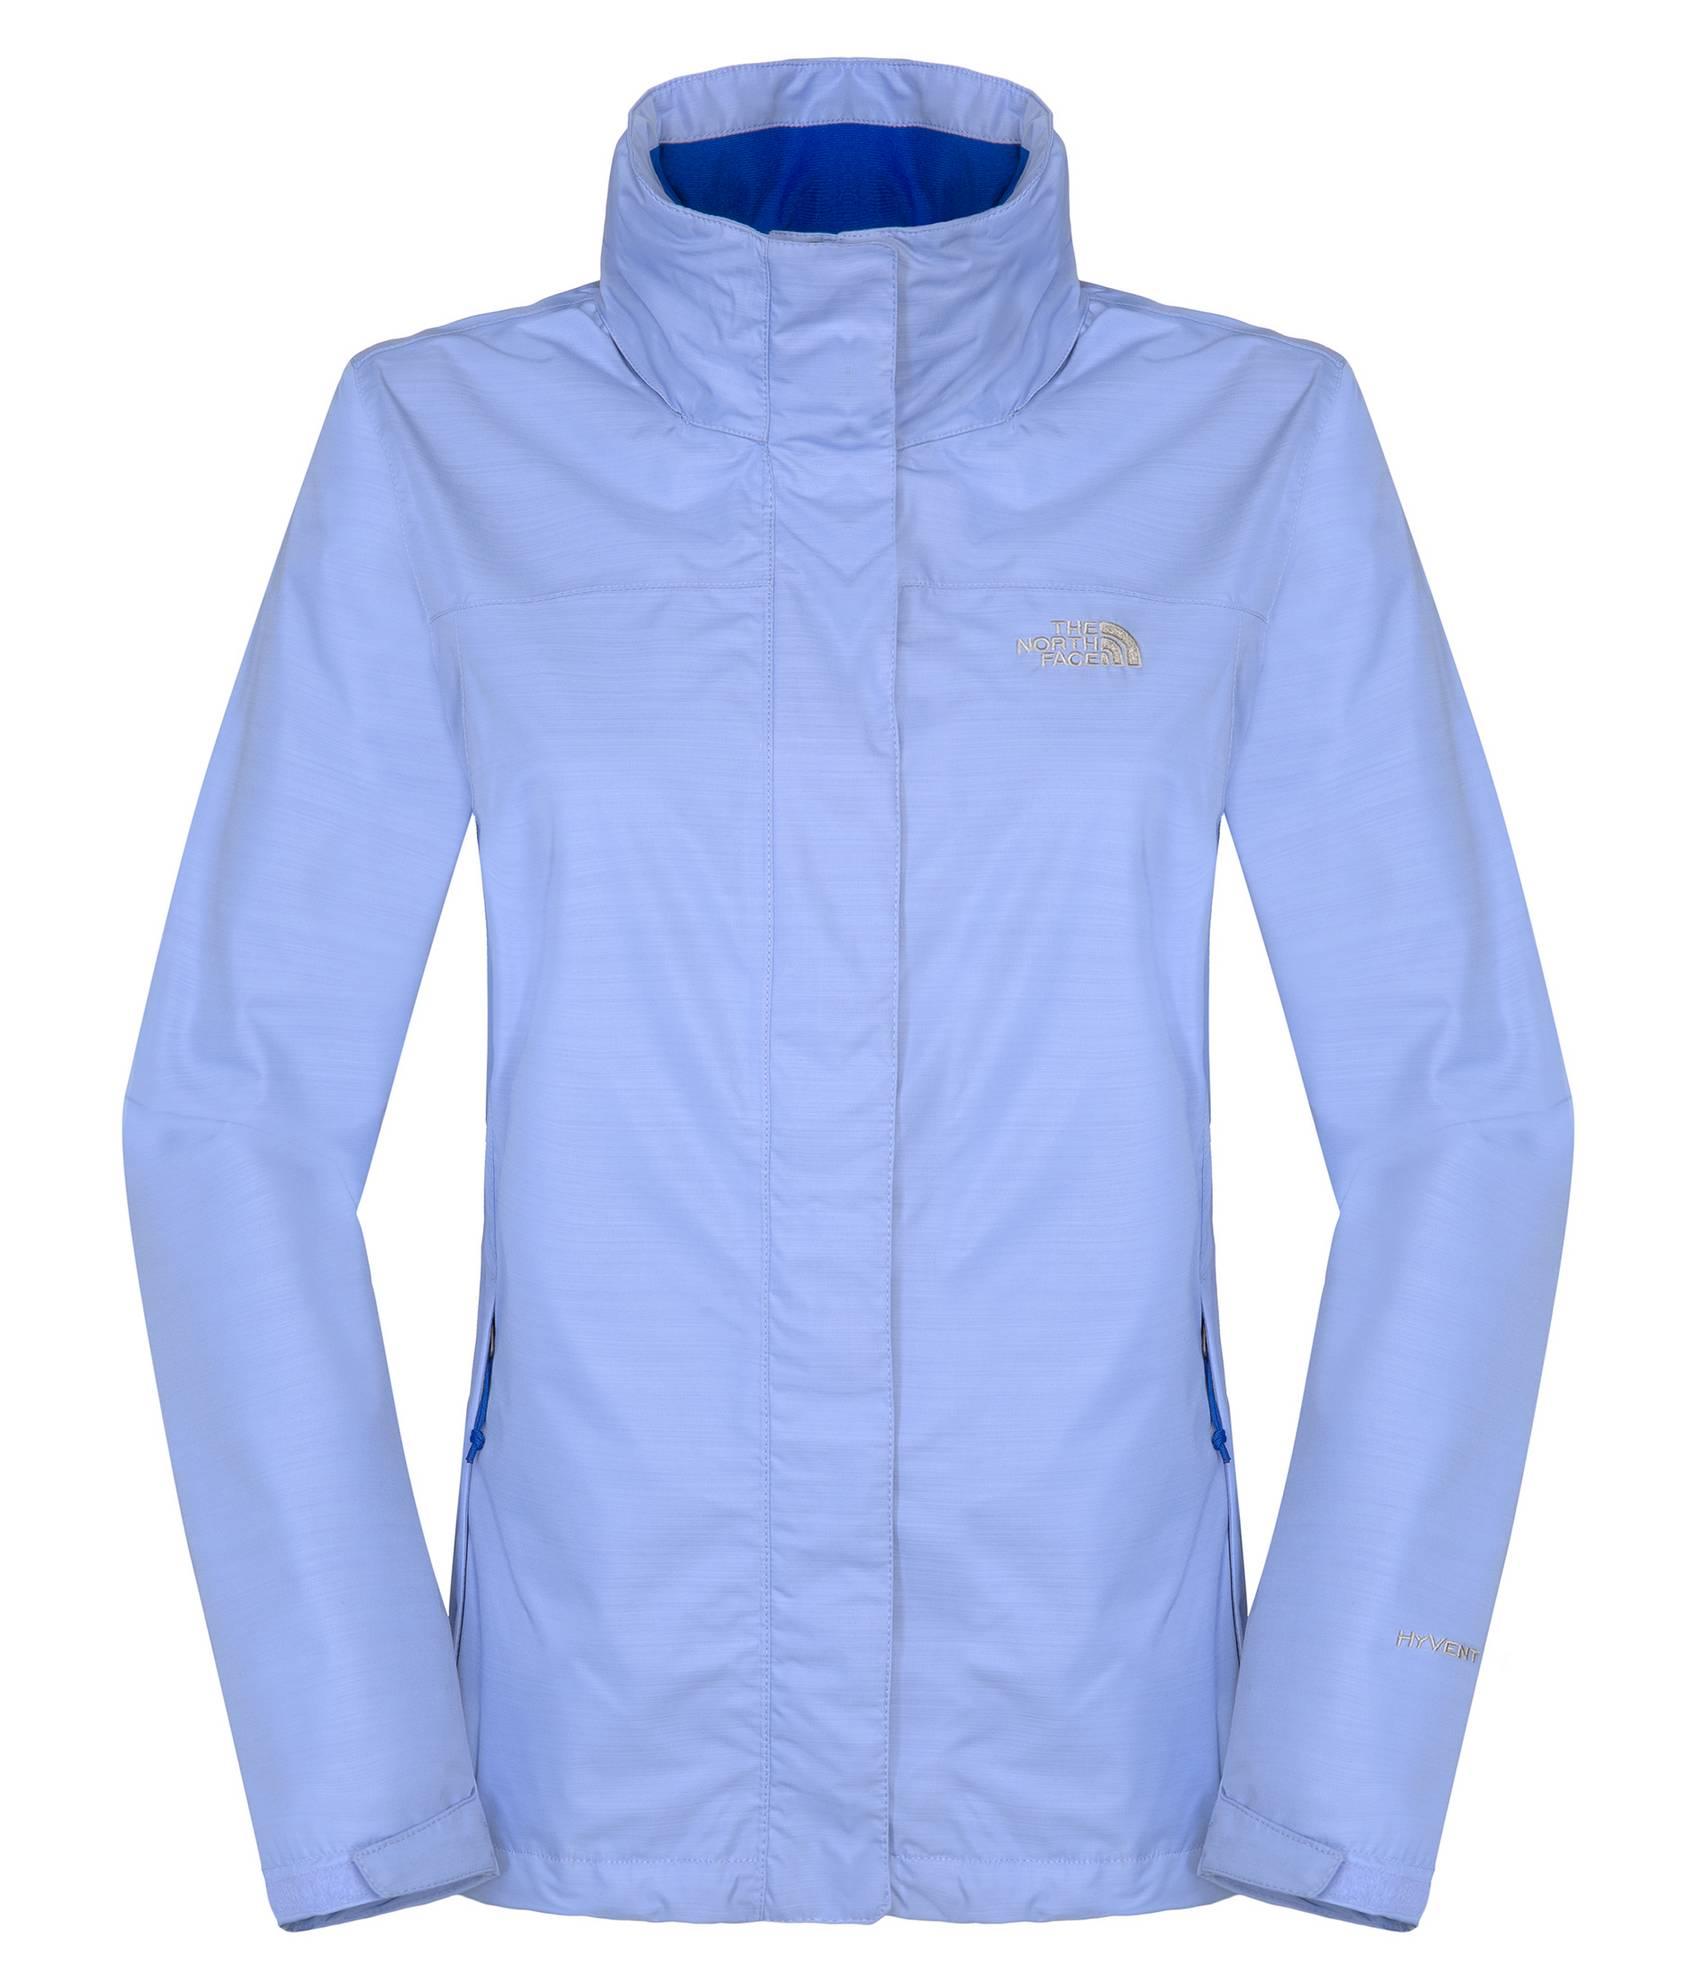 De dames collectie van Moncler Het Italiaanse vakmanschap is terug te zien in de trend items. Ondanks het functionele karakter van de jacks kan jij toch modieus gekleed over straat.